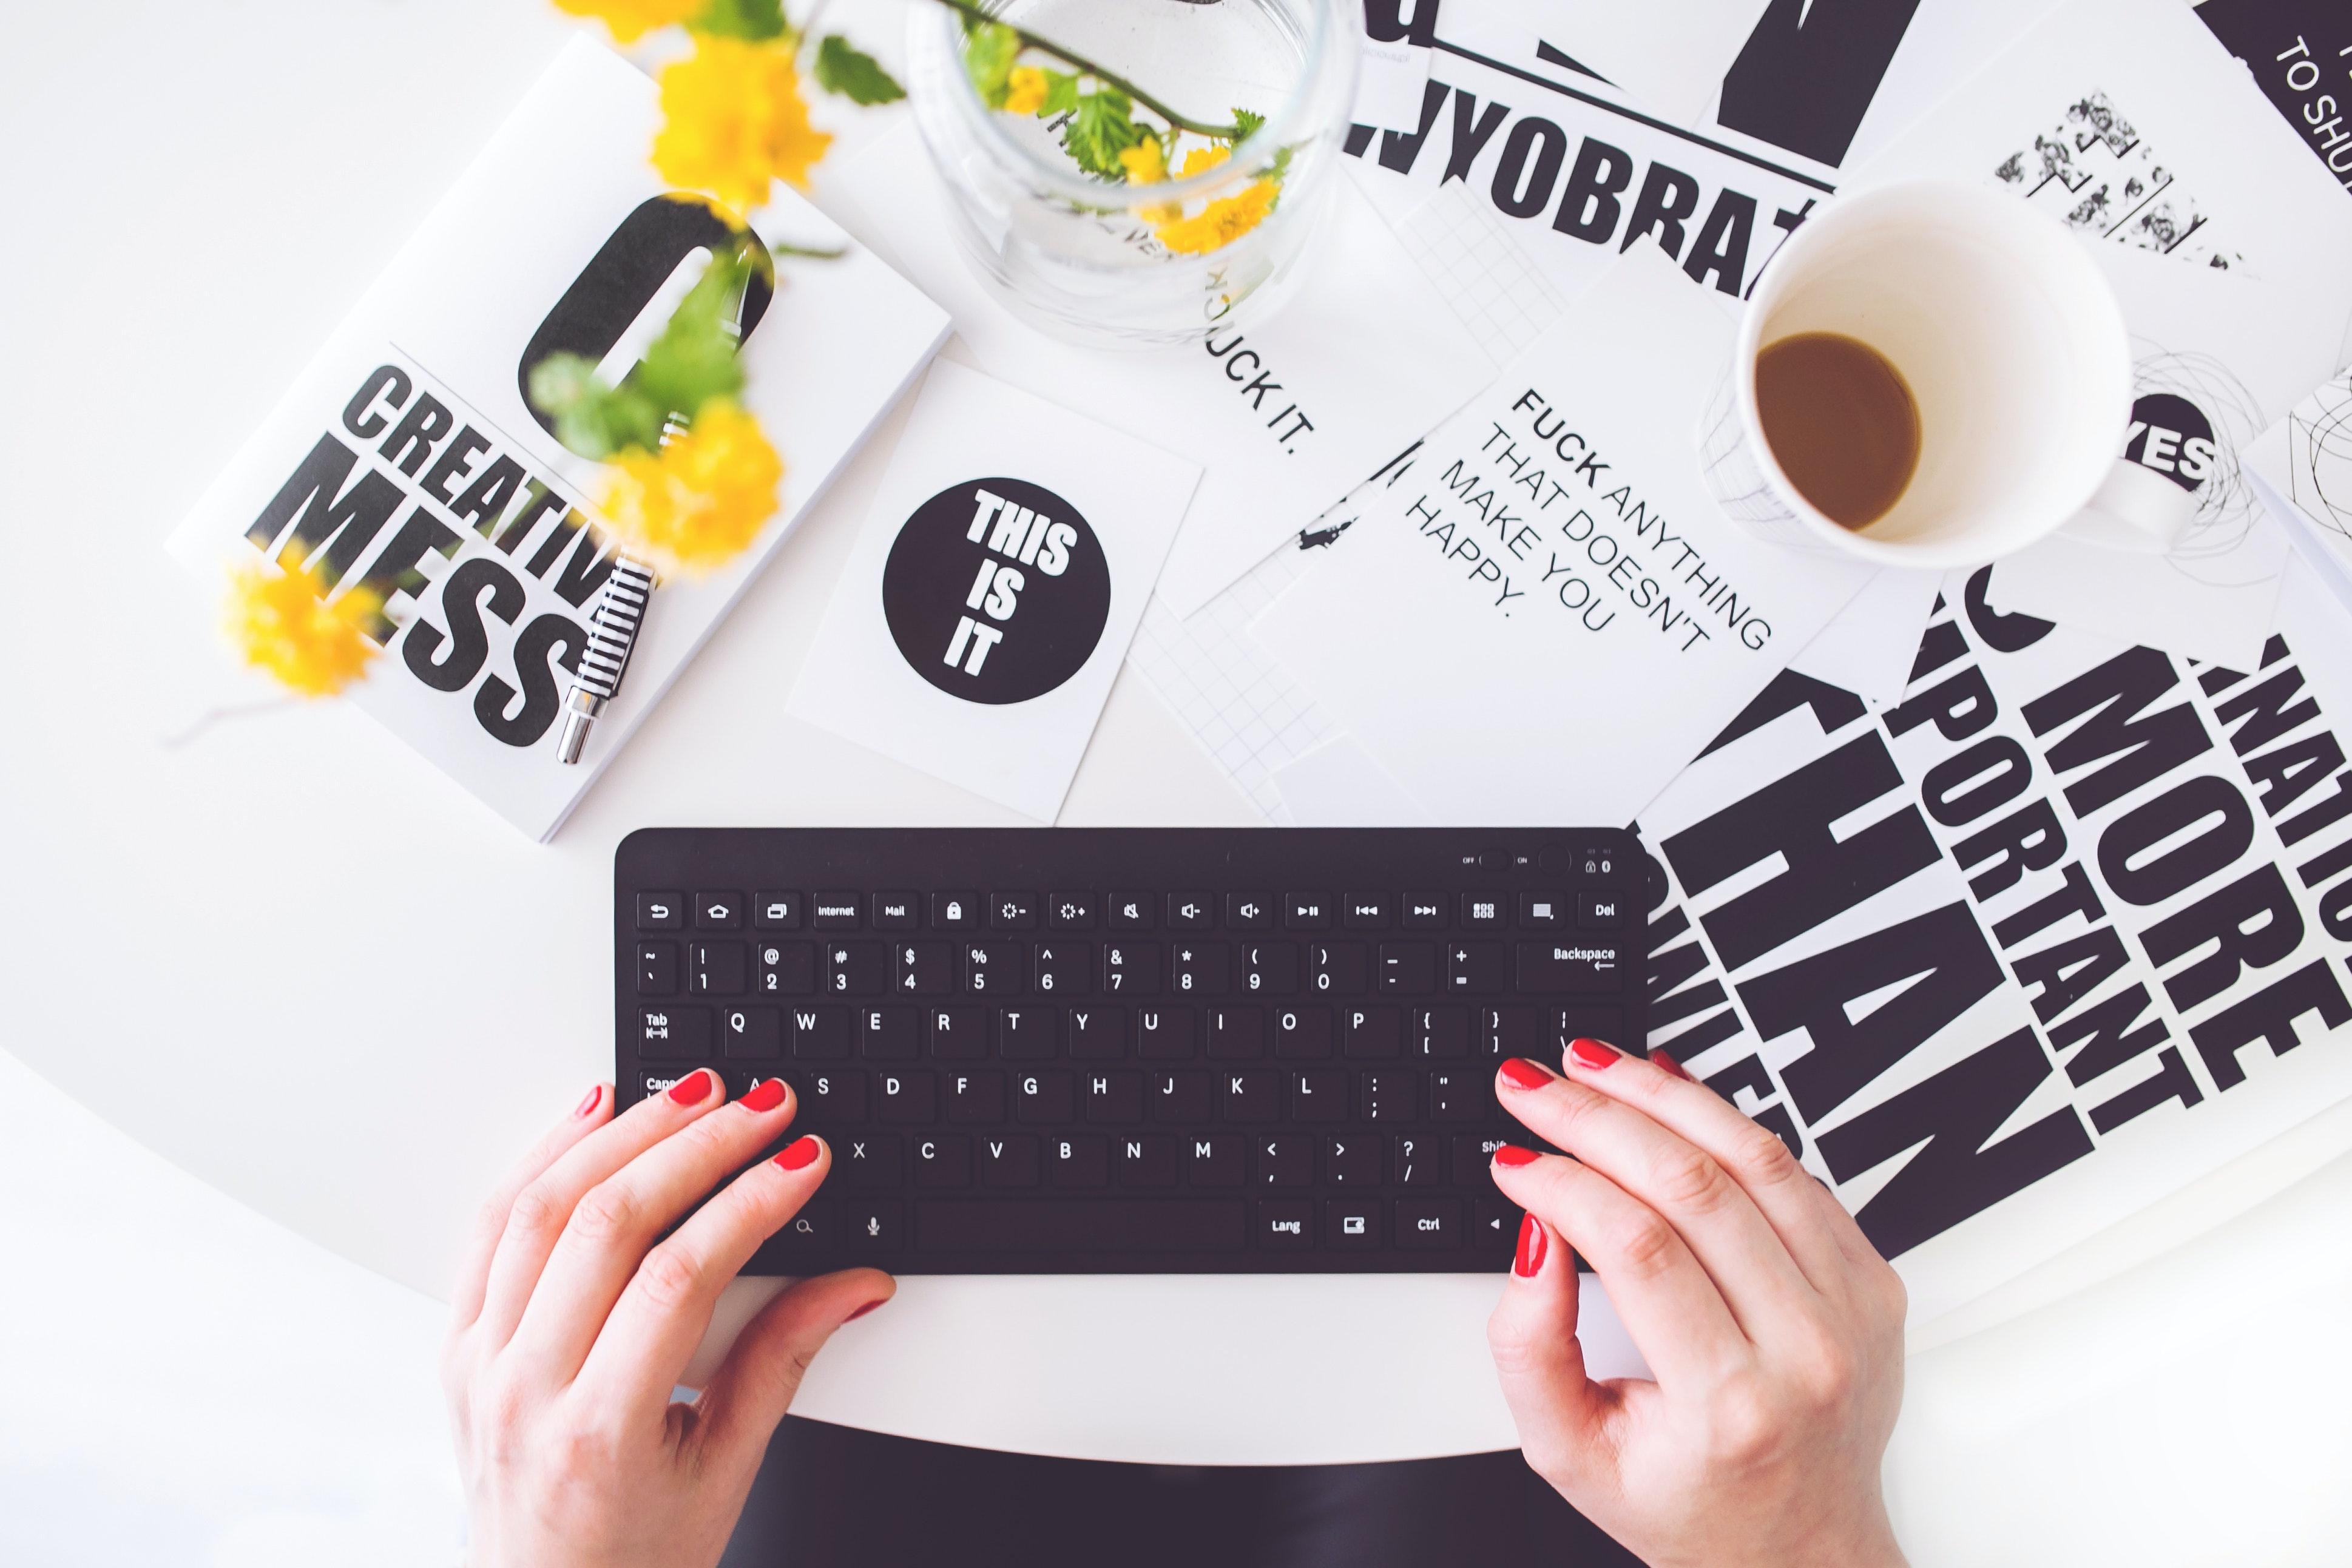 Buat akun blogger